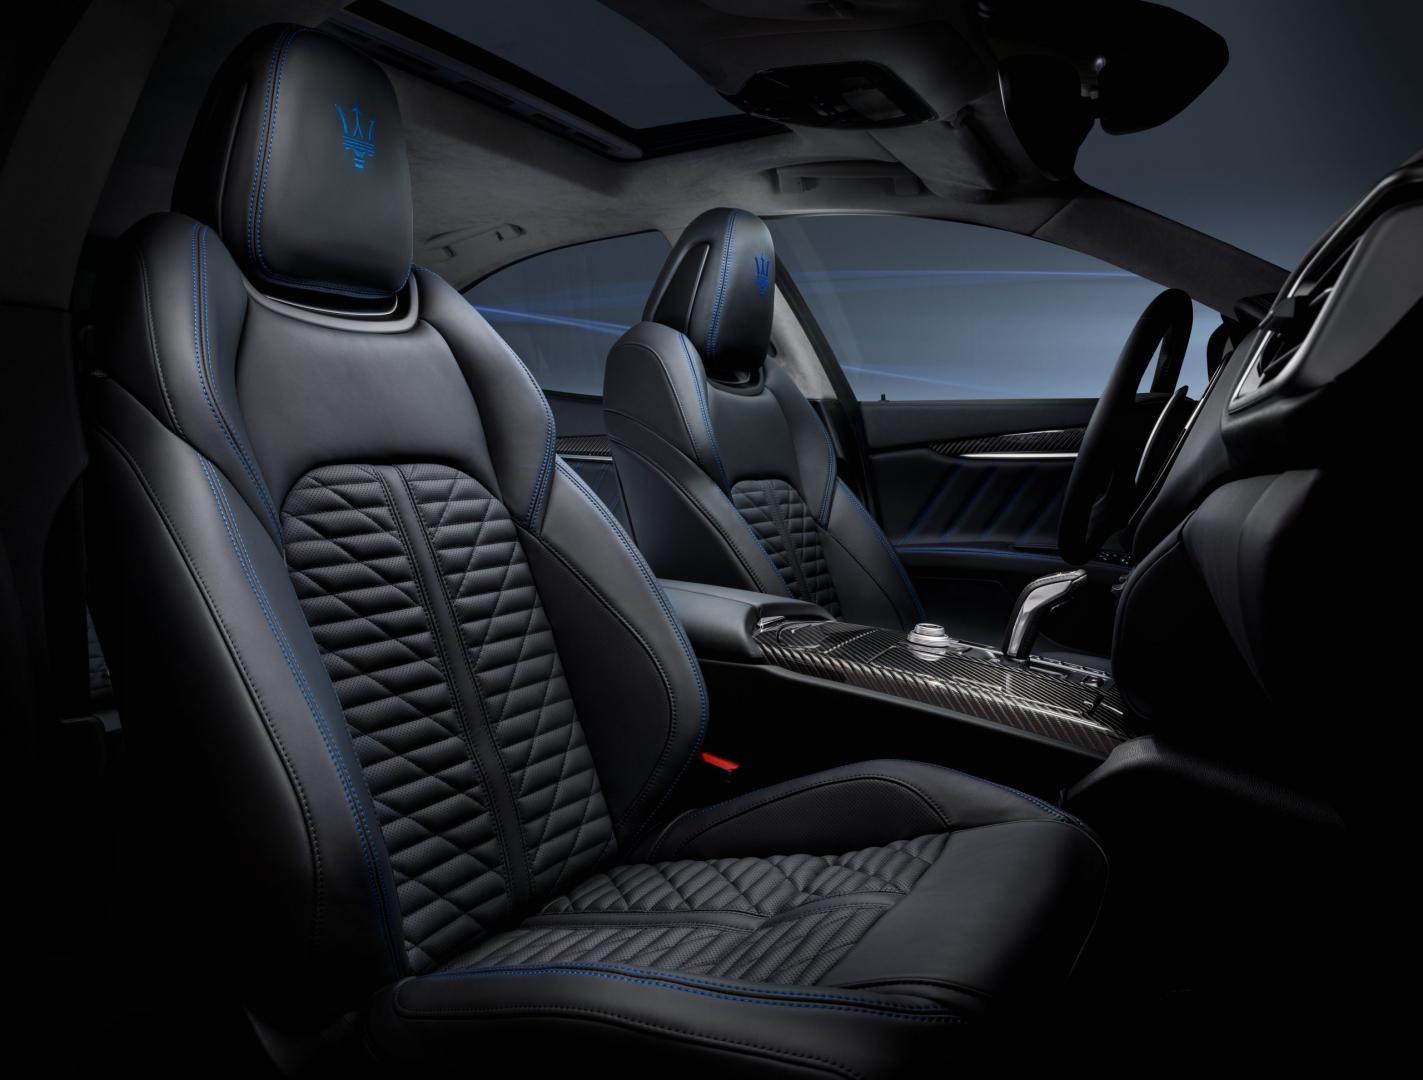 Stoelen Maserati Ghibli Hybrid 2020